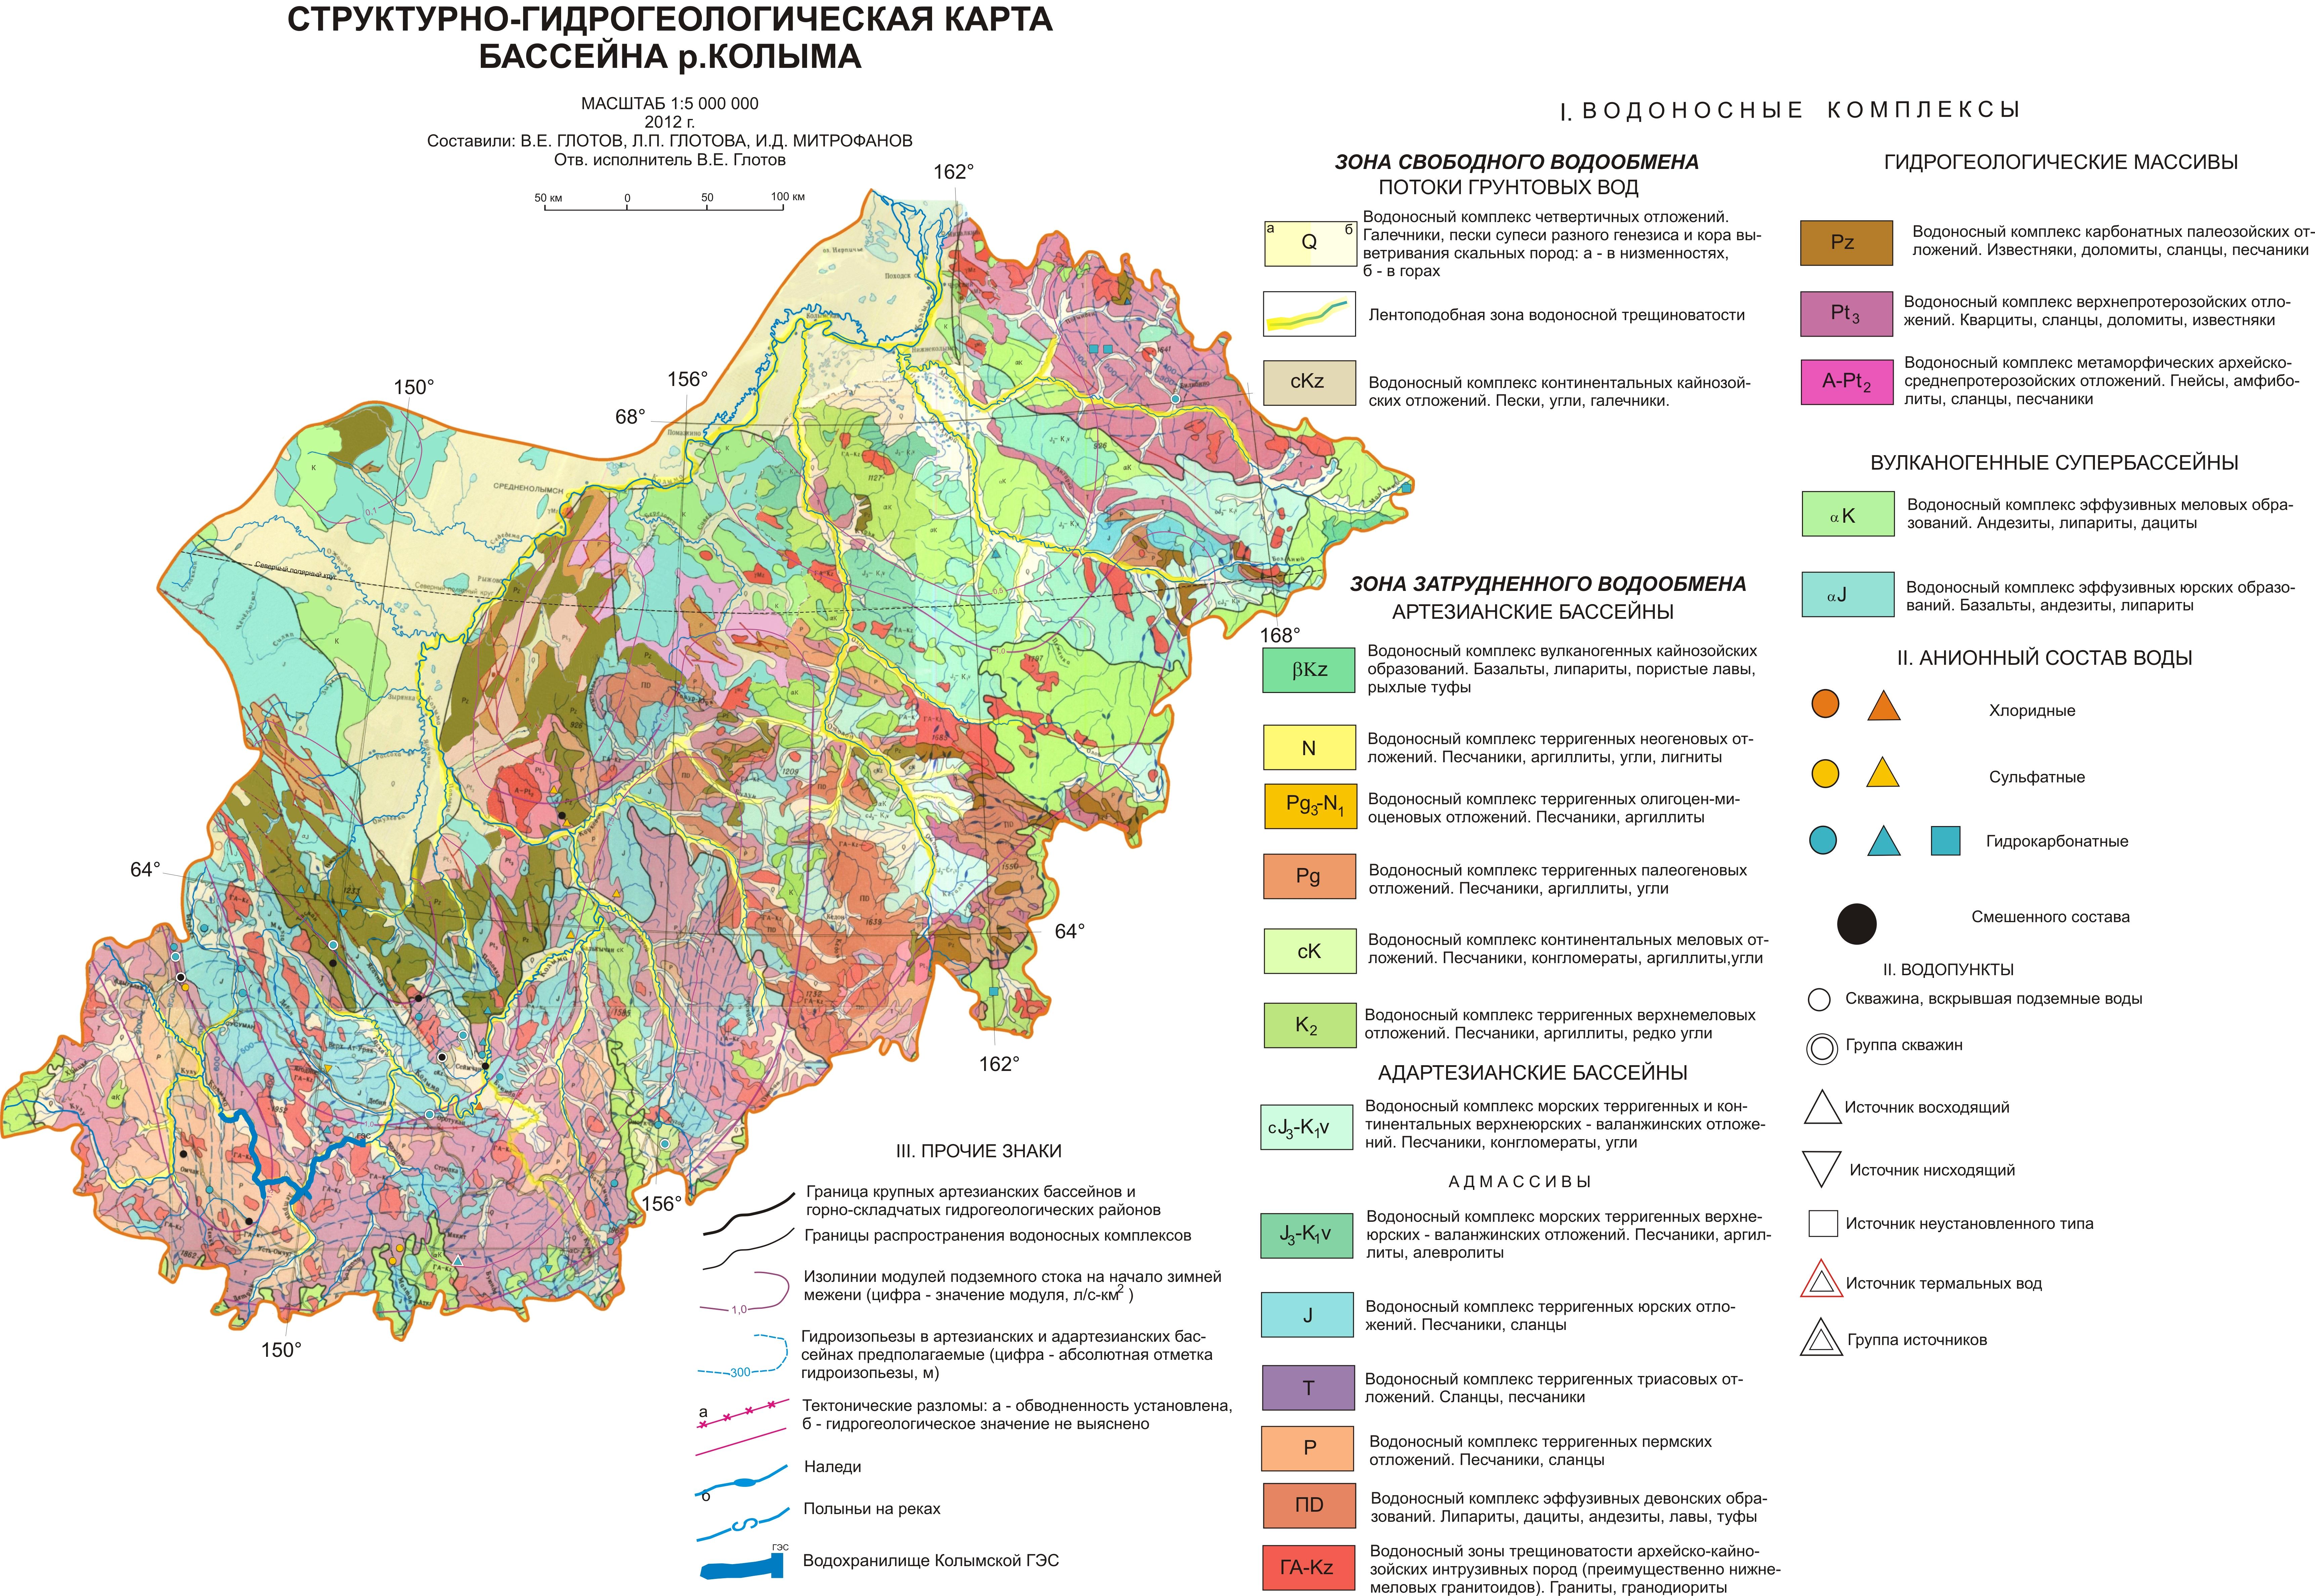 Структурно-гидрогеологическая карта Колымы